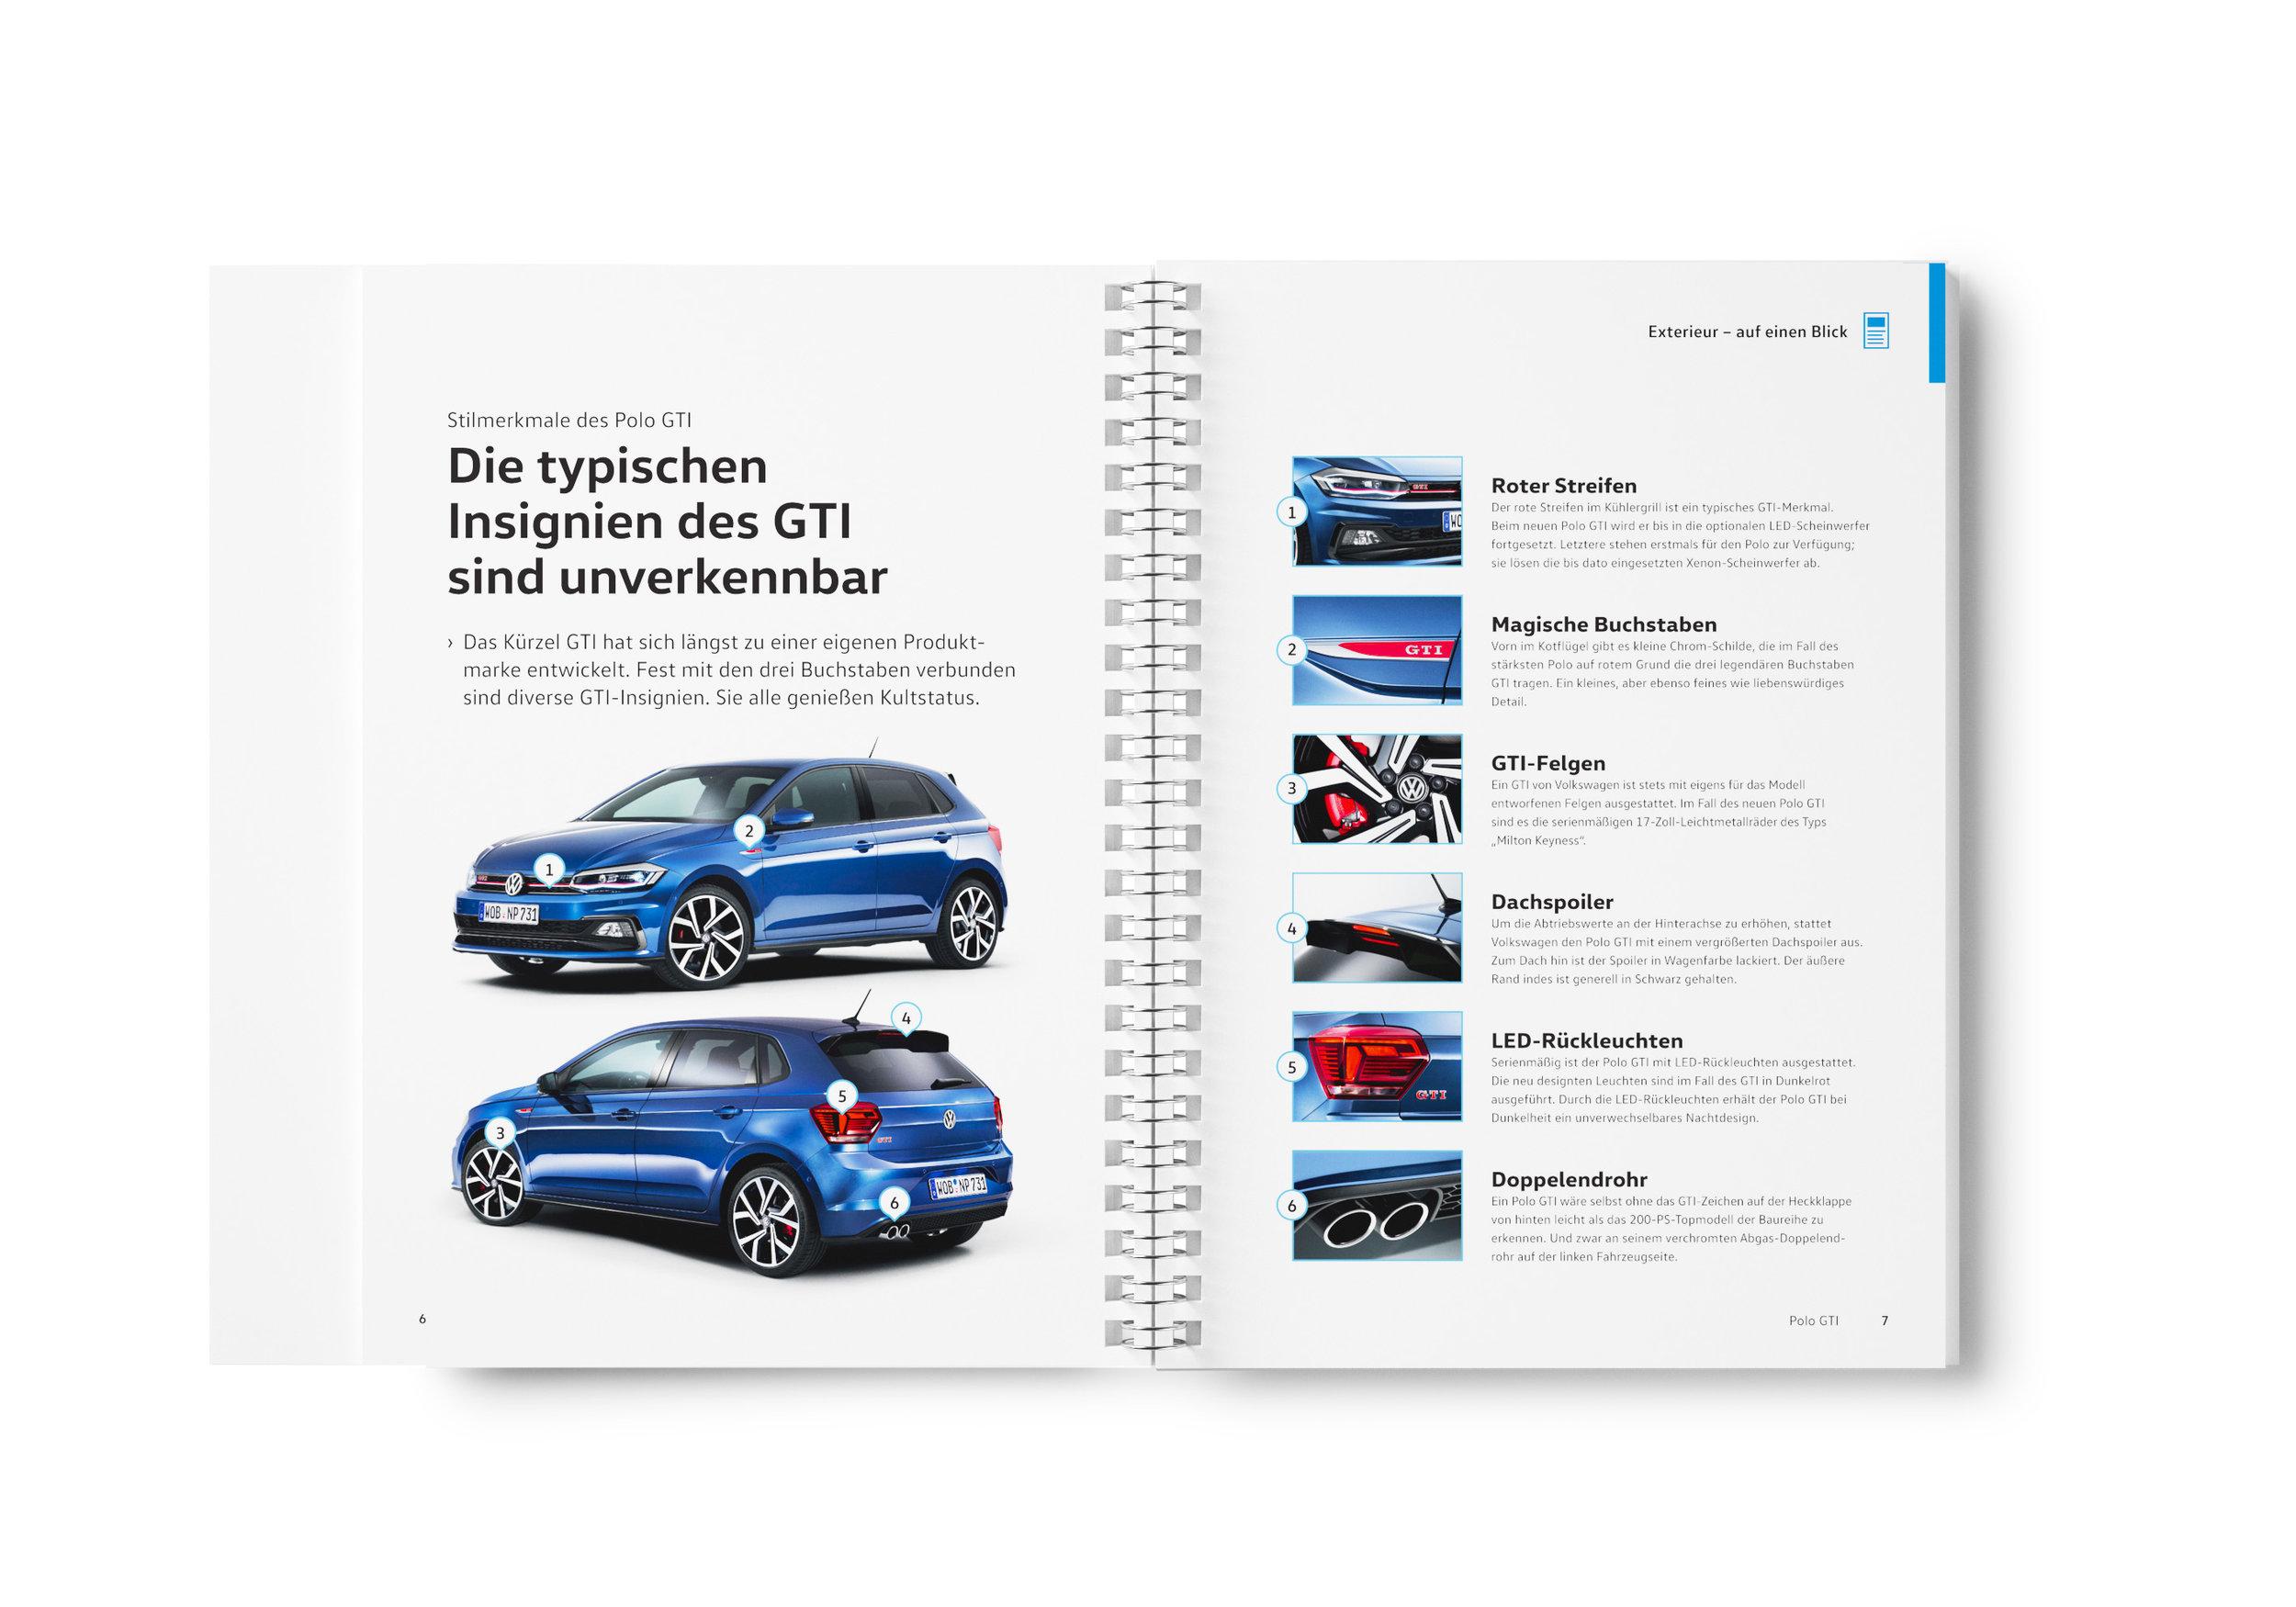 05_Josekdesign_Volkswagen_PMS.jpg